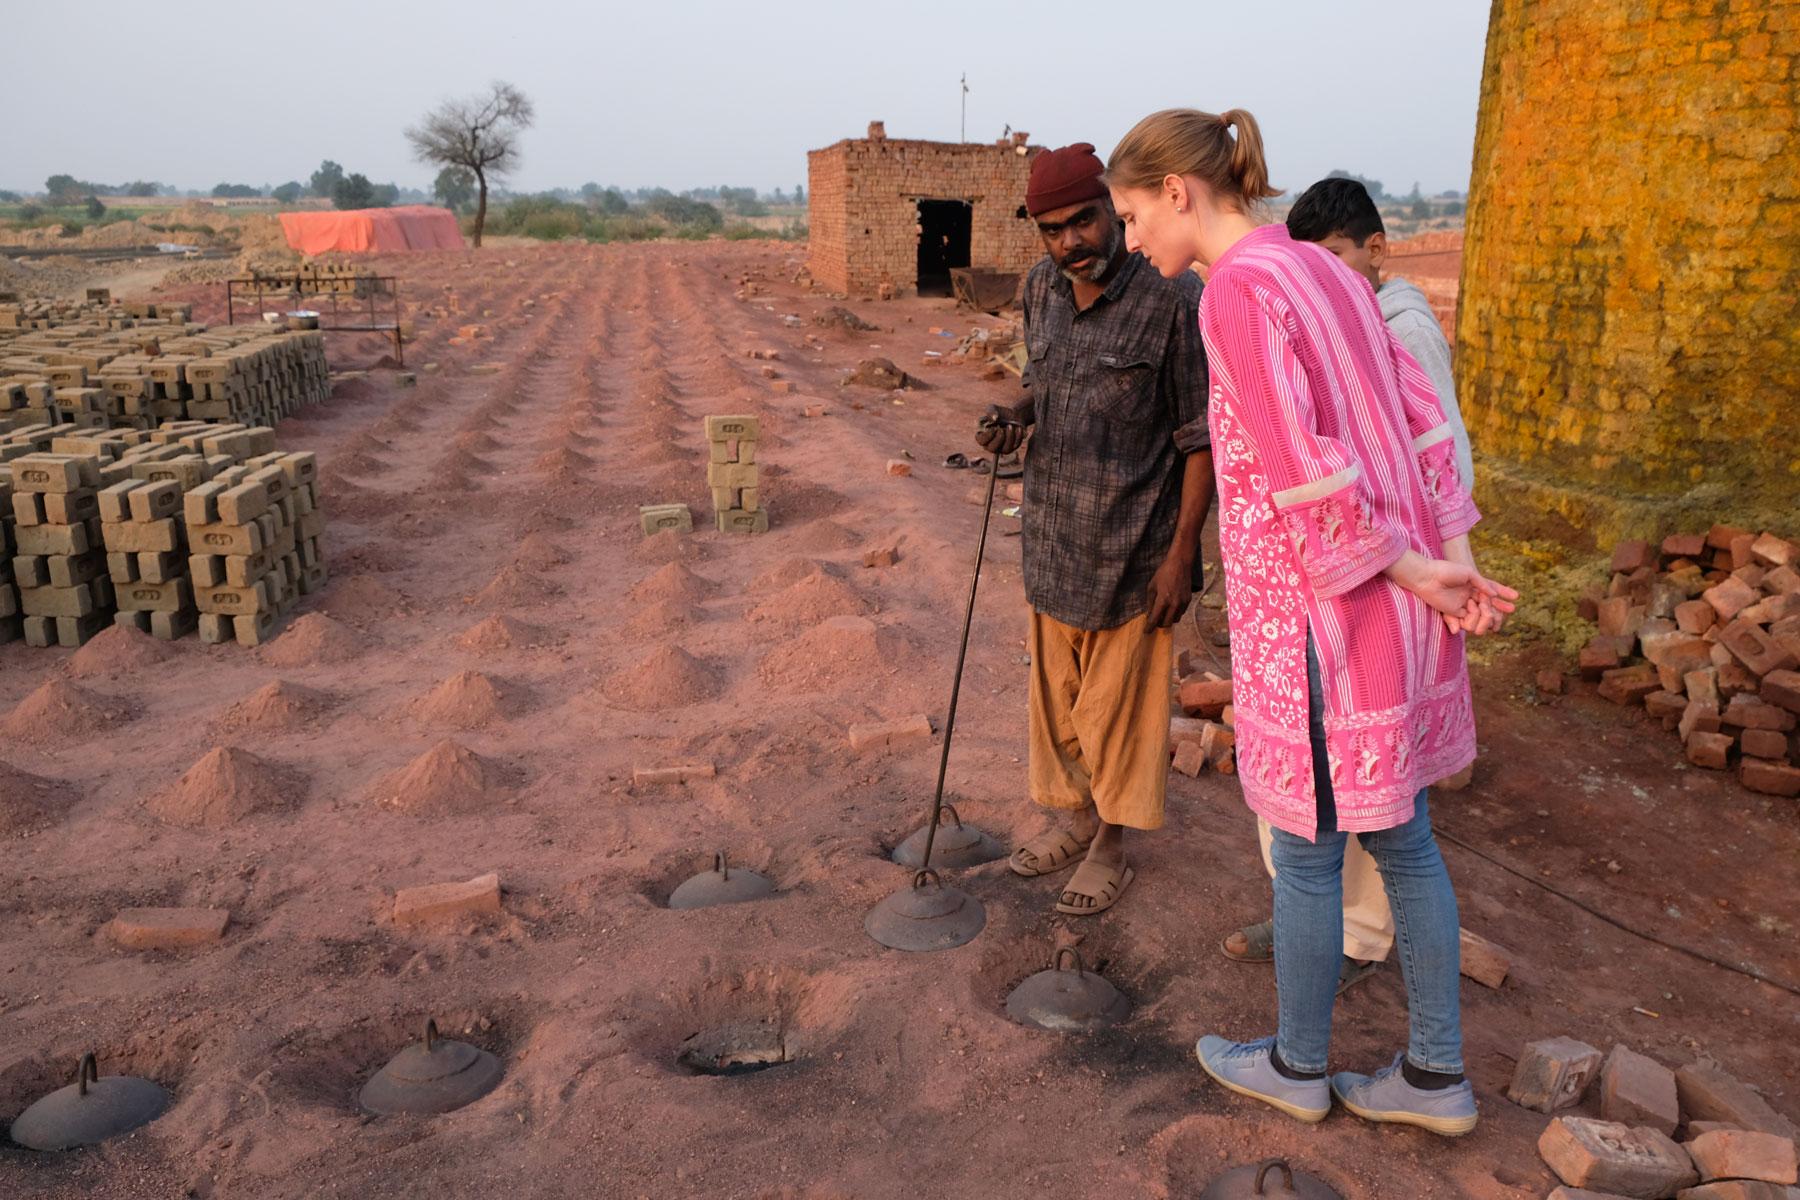 Ein pakistansicher Mann erklärt Leo, wie der Brennofen einer Ziegelbrennerei funktioniert.